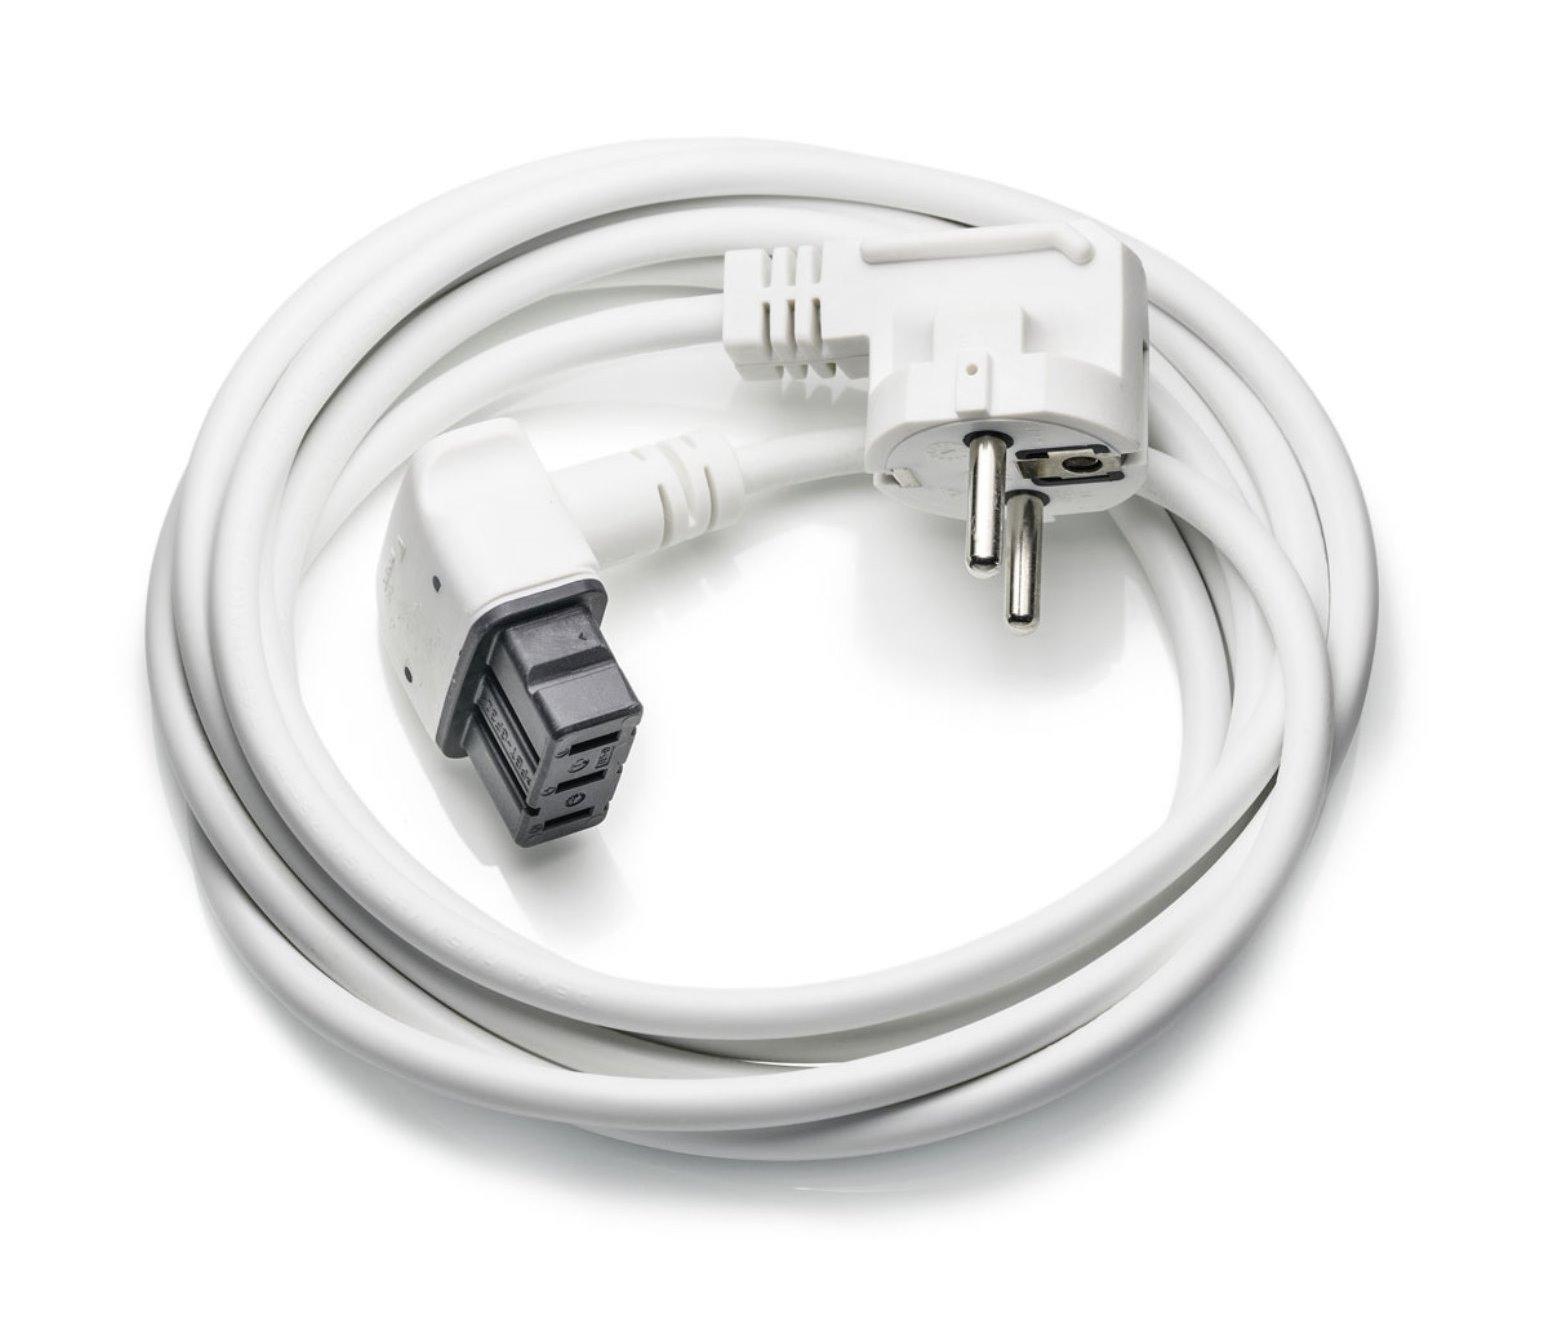 купить Сетевой кабель BluPerformance (3 м.) Украина фото 1